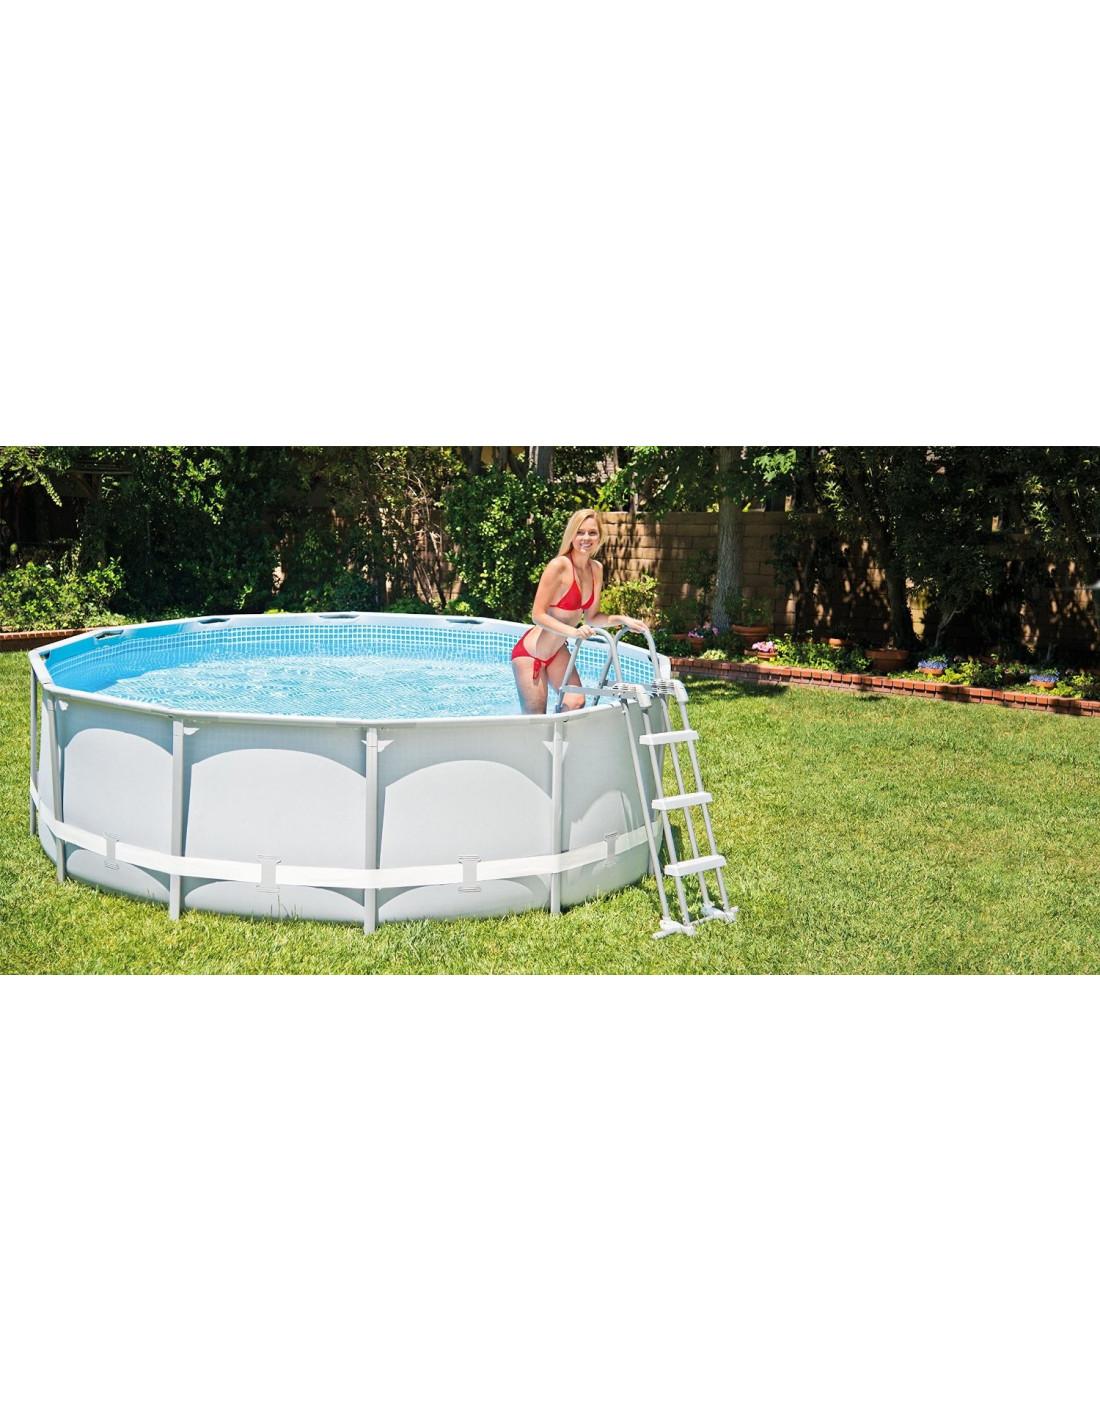 Echelle piscine intex conceptions de maison for Echelle de piscine